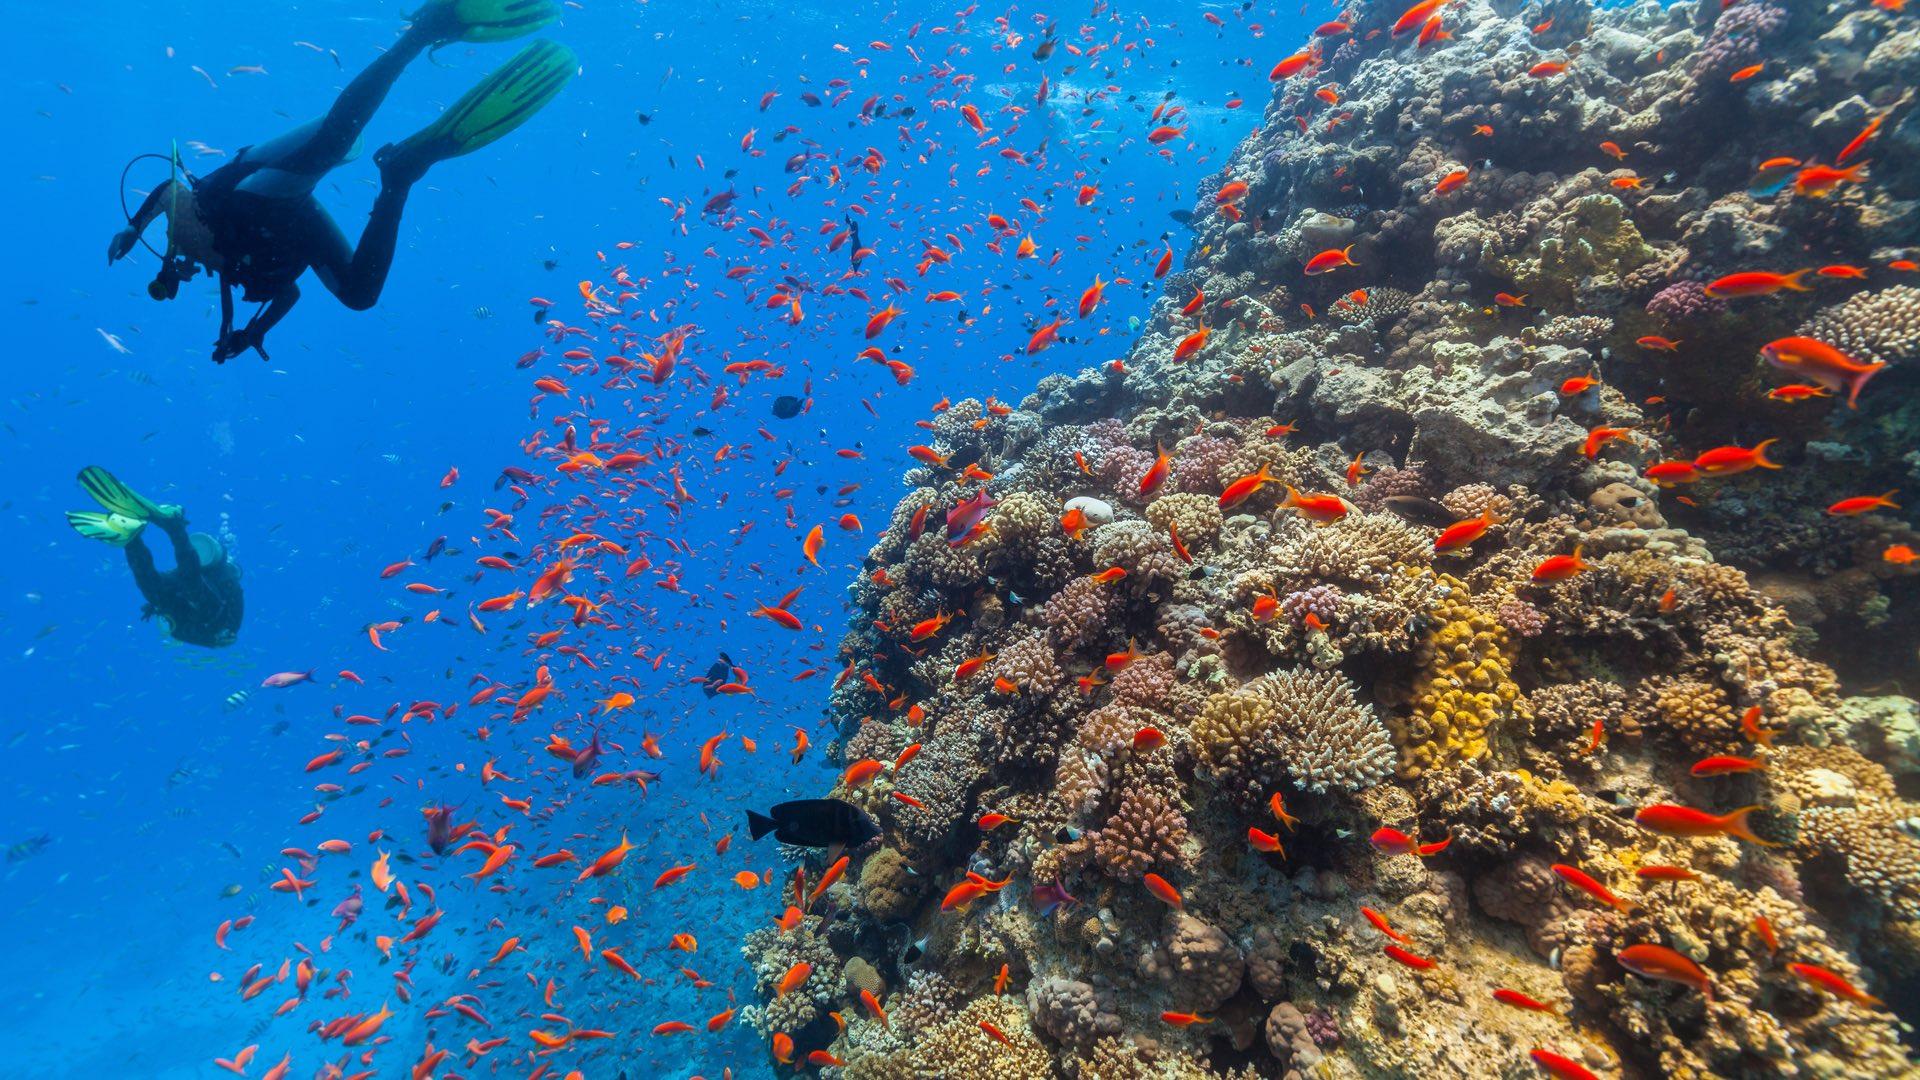 Tauchen am Korallenriff | ©Jag_cz/Shutterstock.com